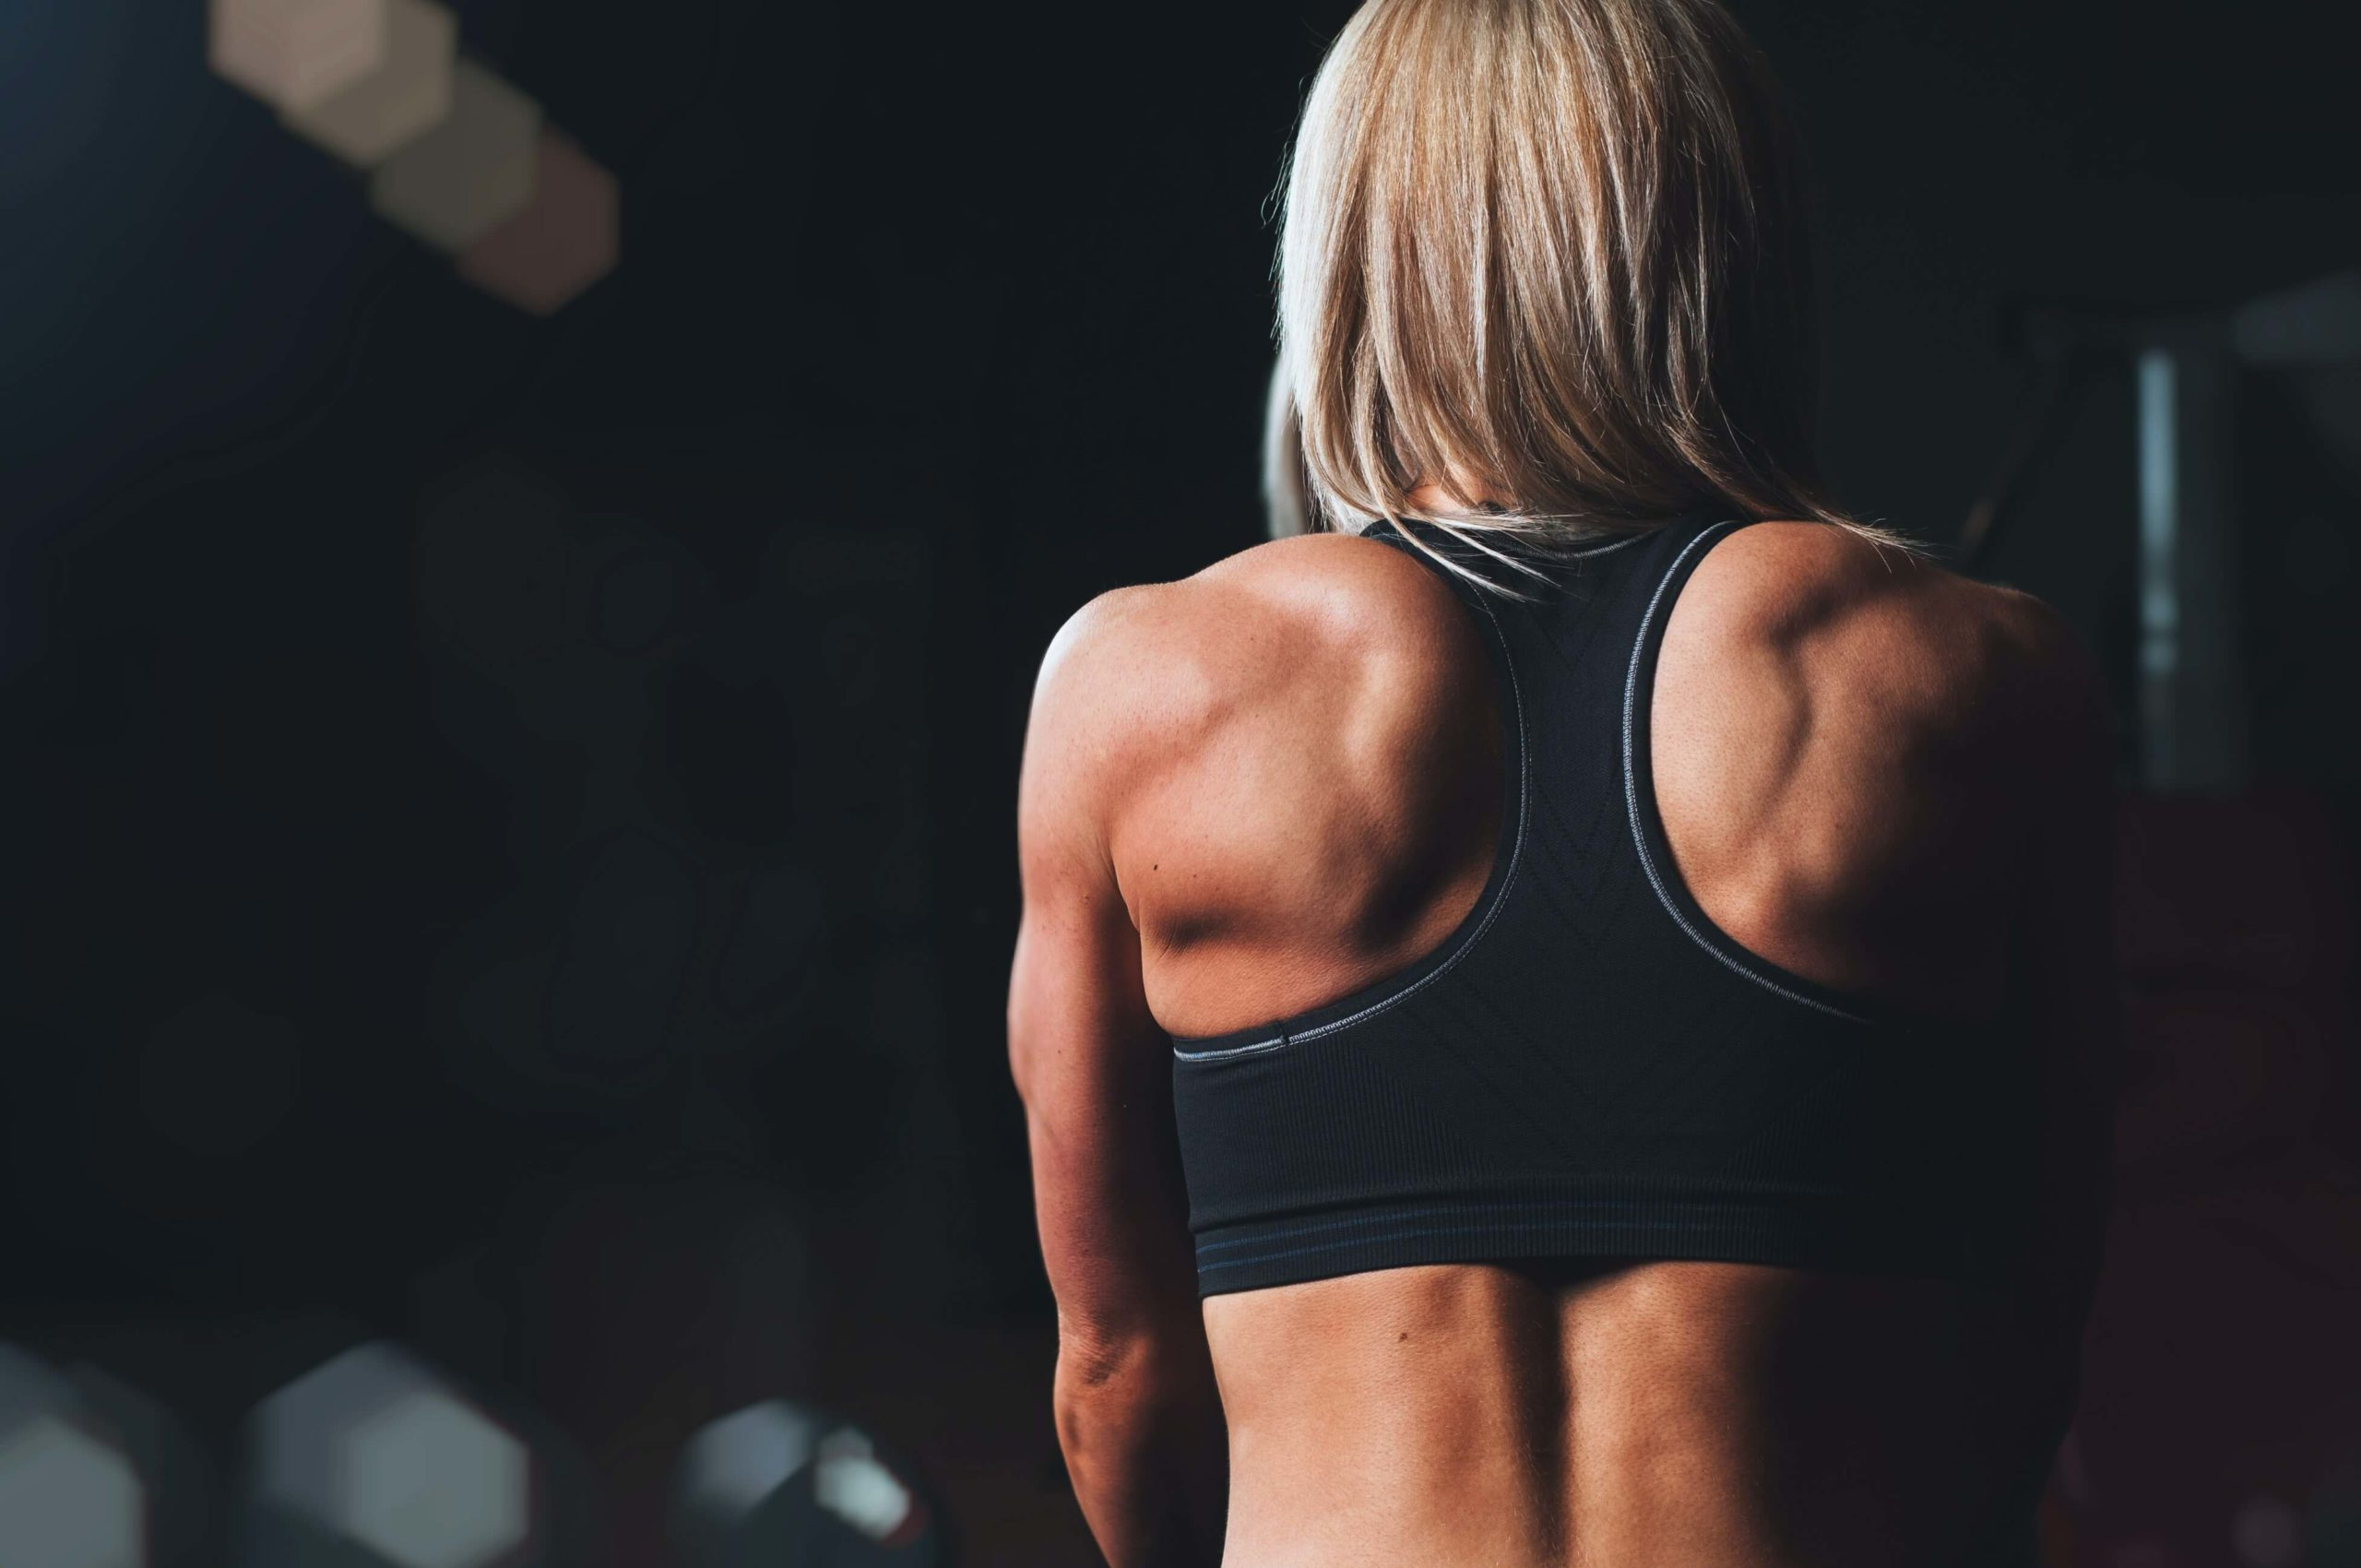 Female physique with training. Female back shot.